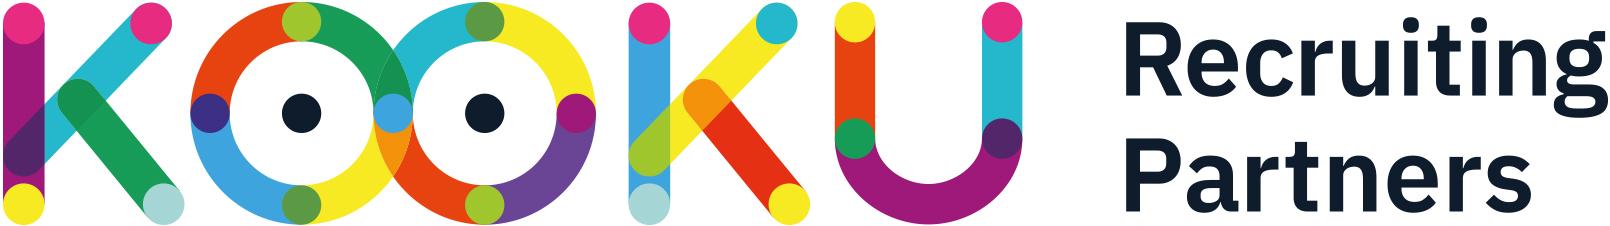 kooku_logo_full_1610x226.jpg